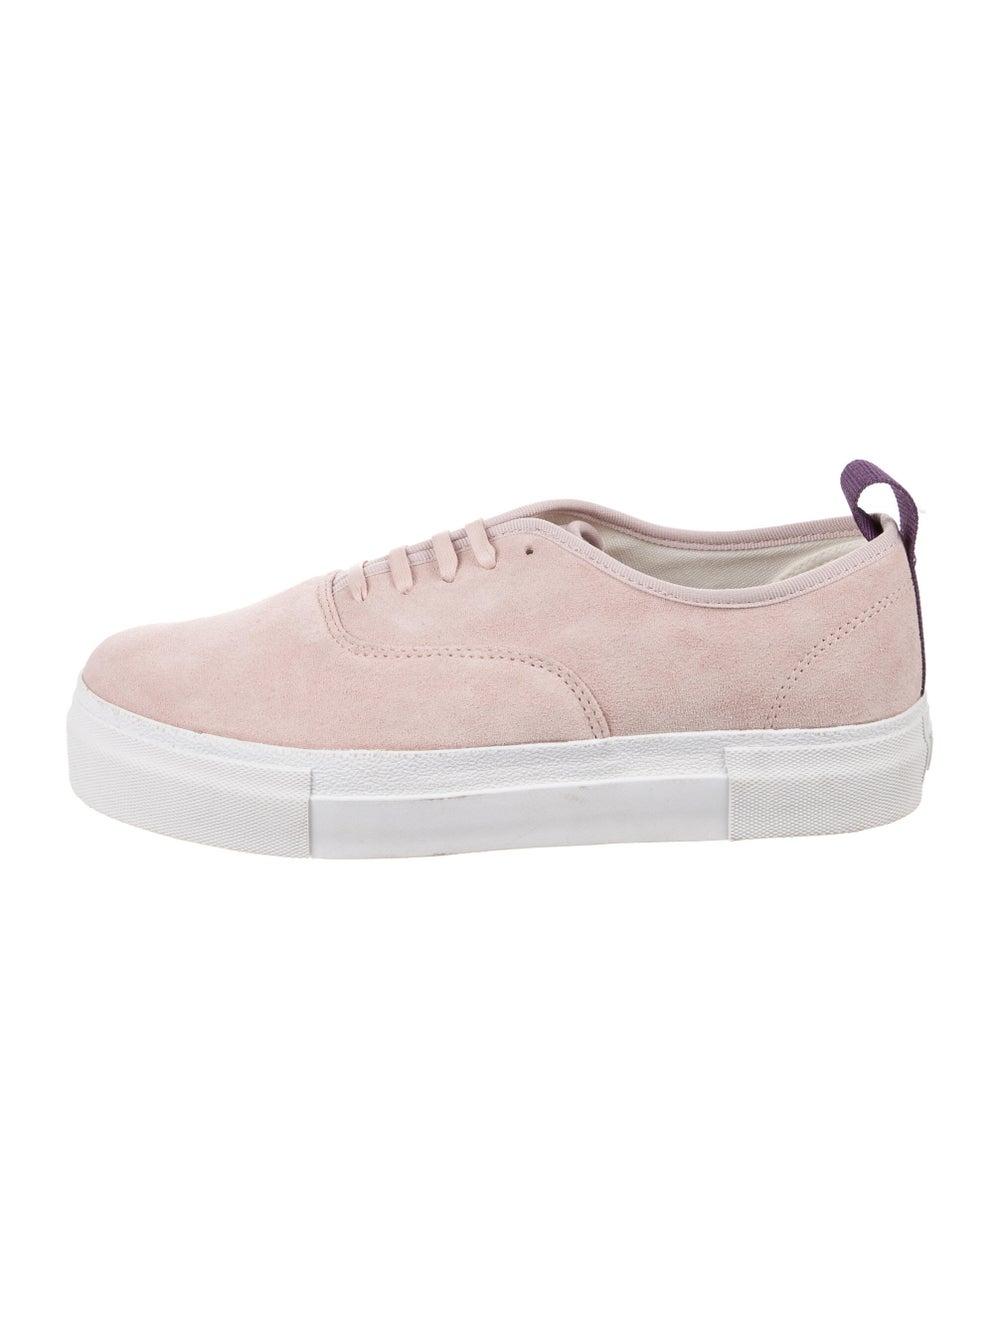 Eytys Suede Sneakers Pink - image 1